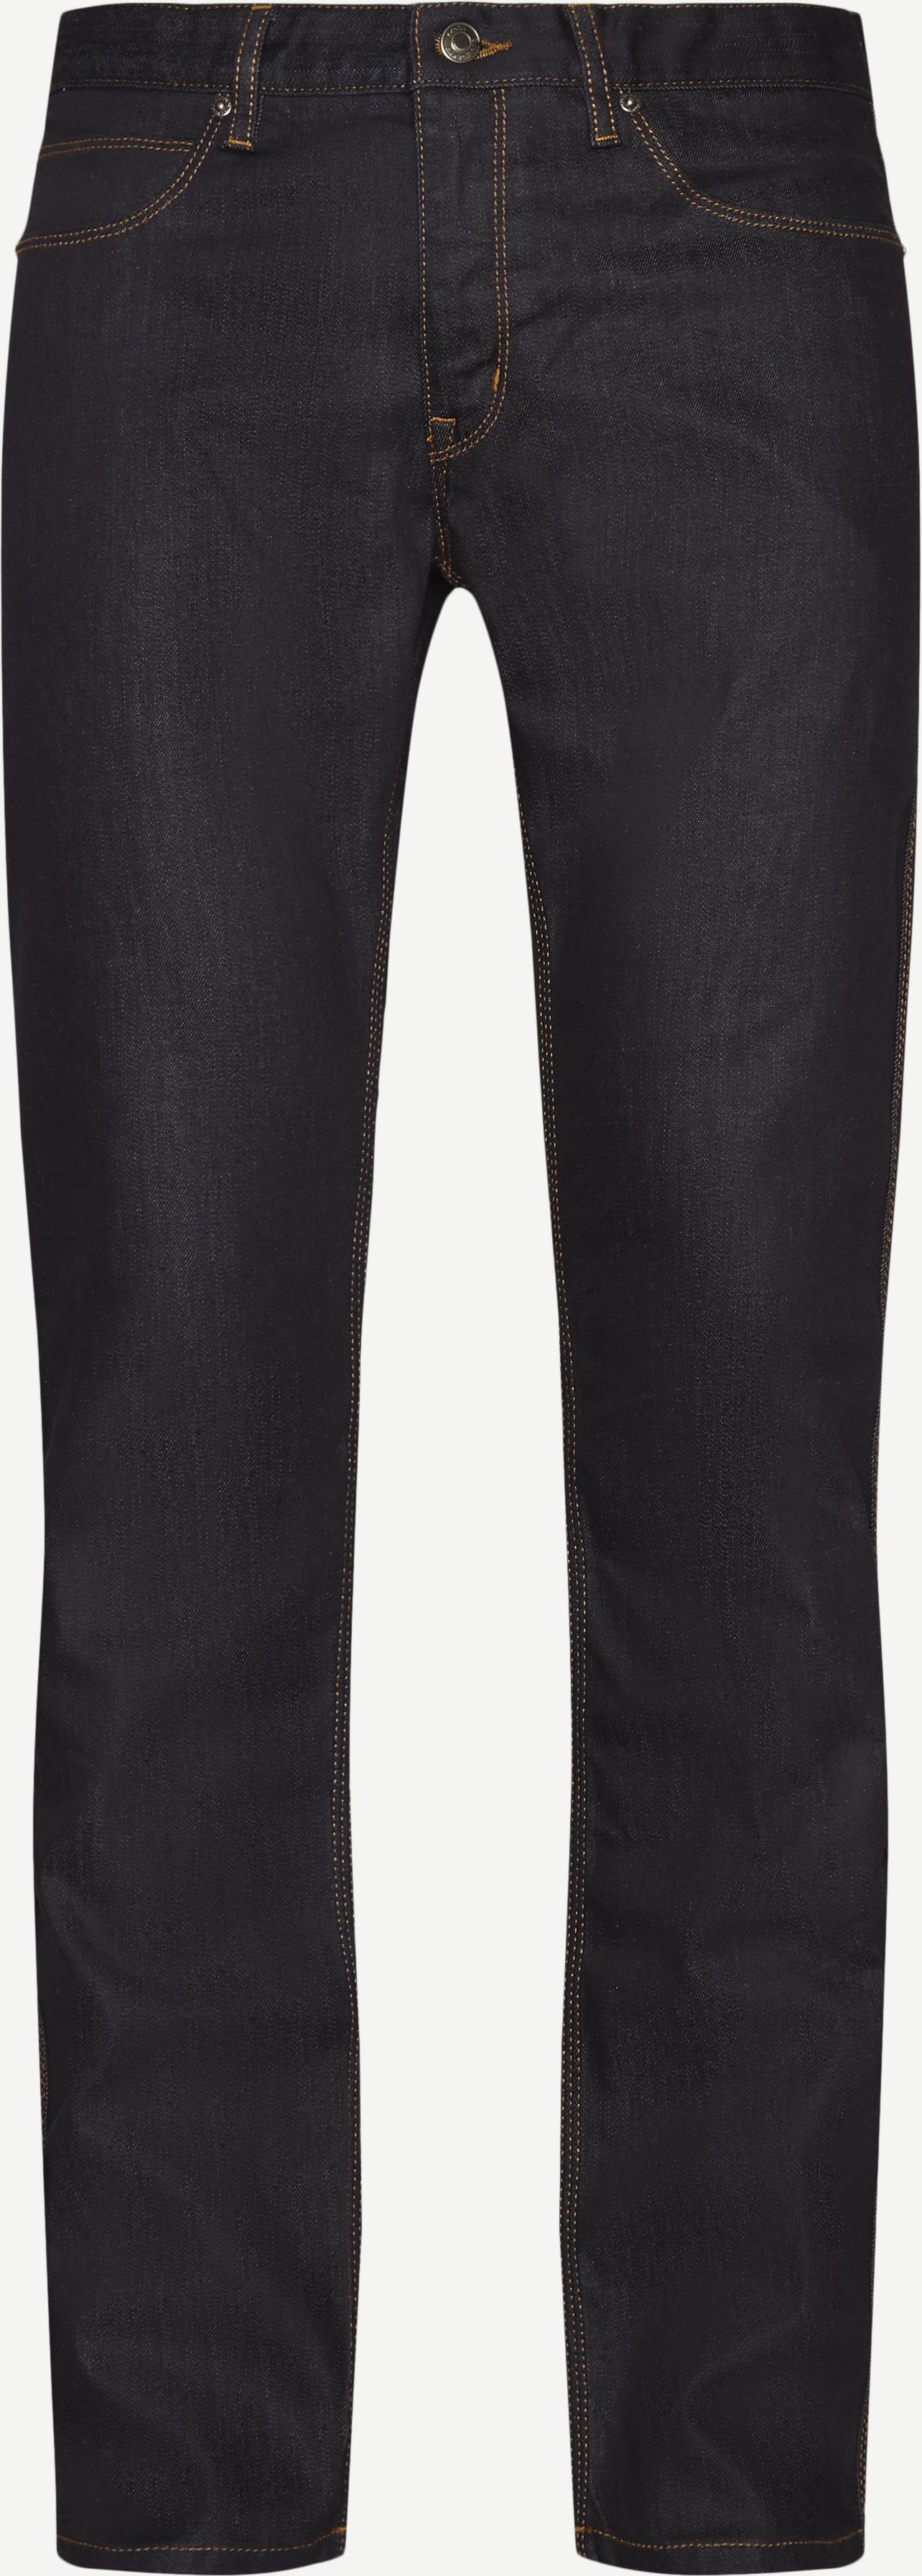 Hugo708 Jeans - Jeans - Slim - Denim